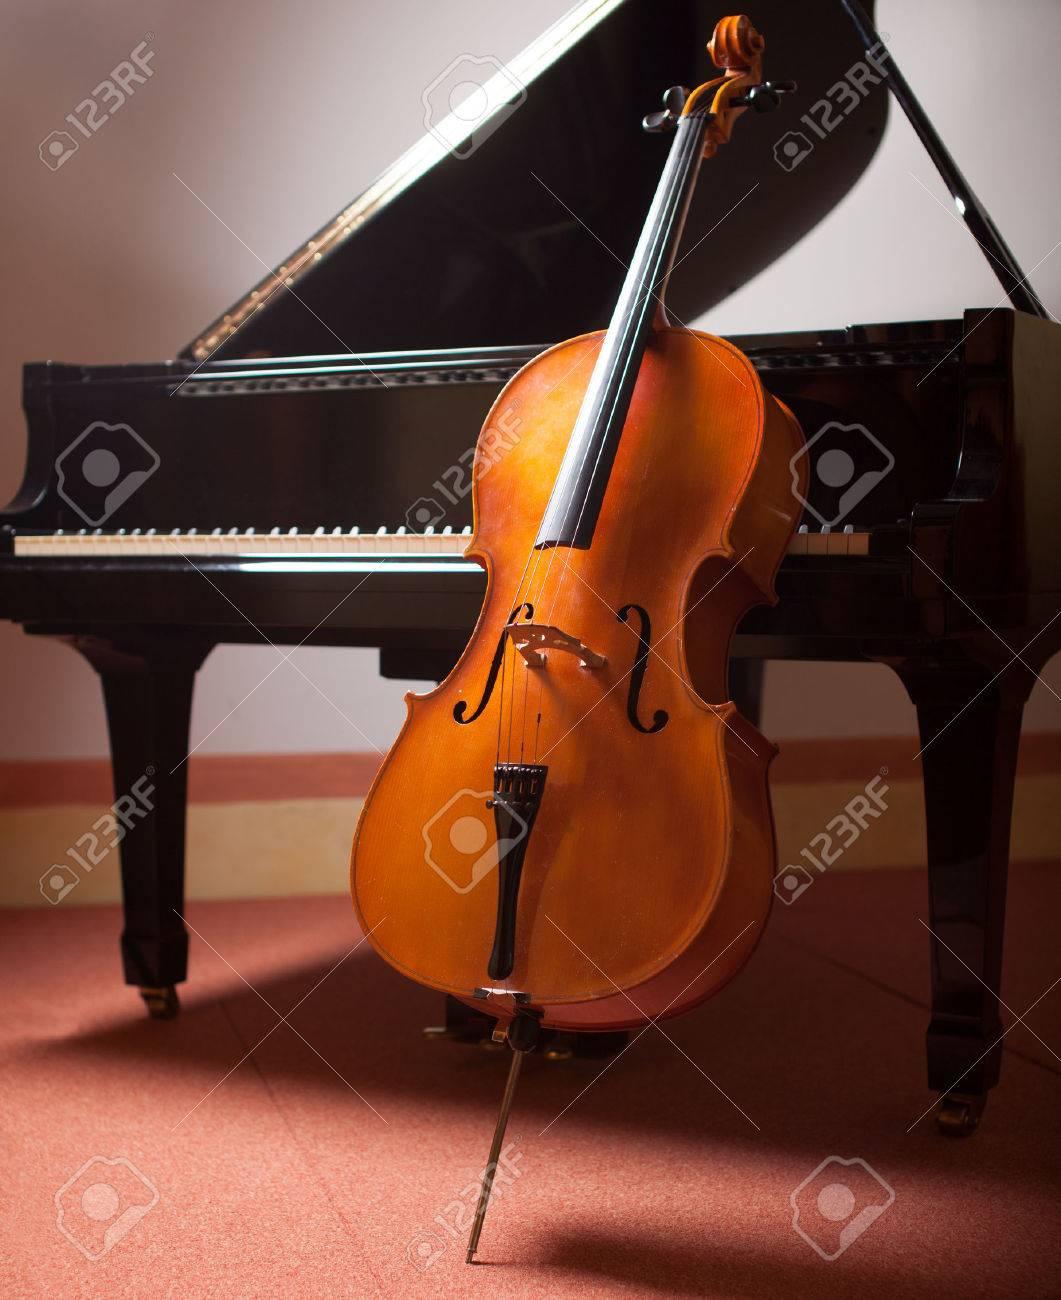 Classical music concept: piano and cello